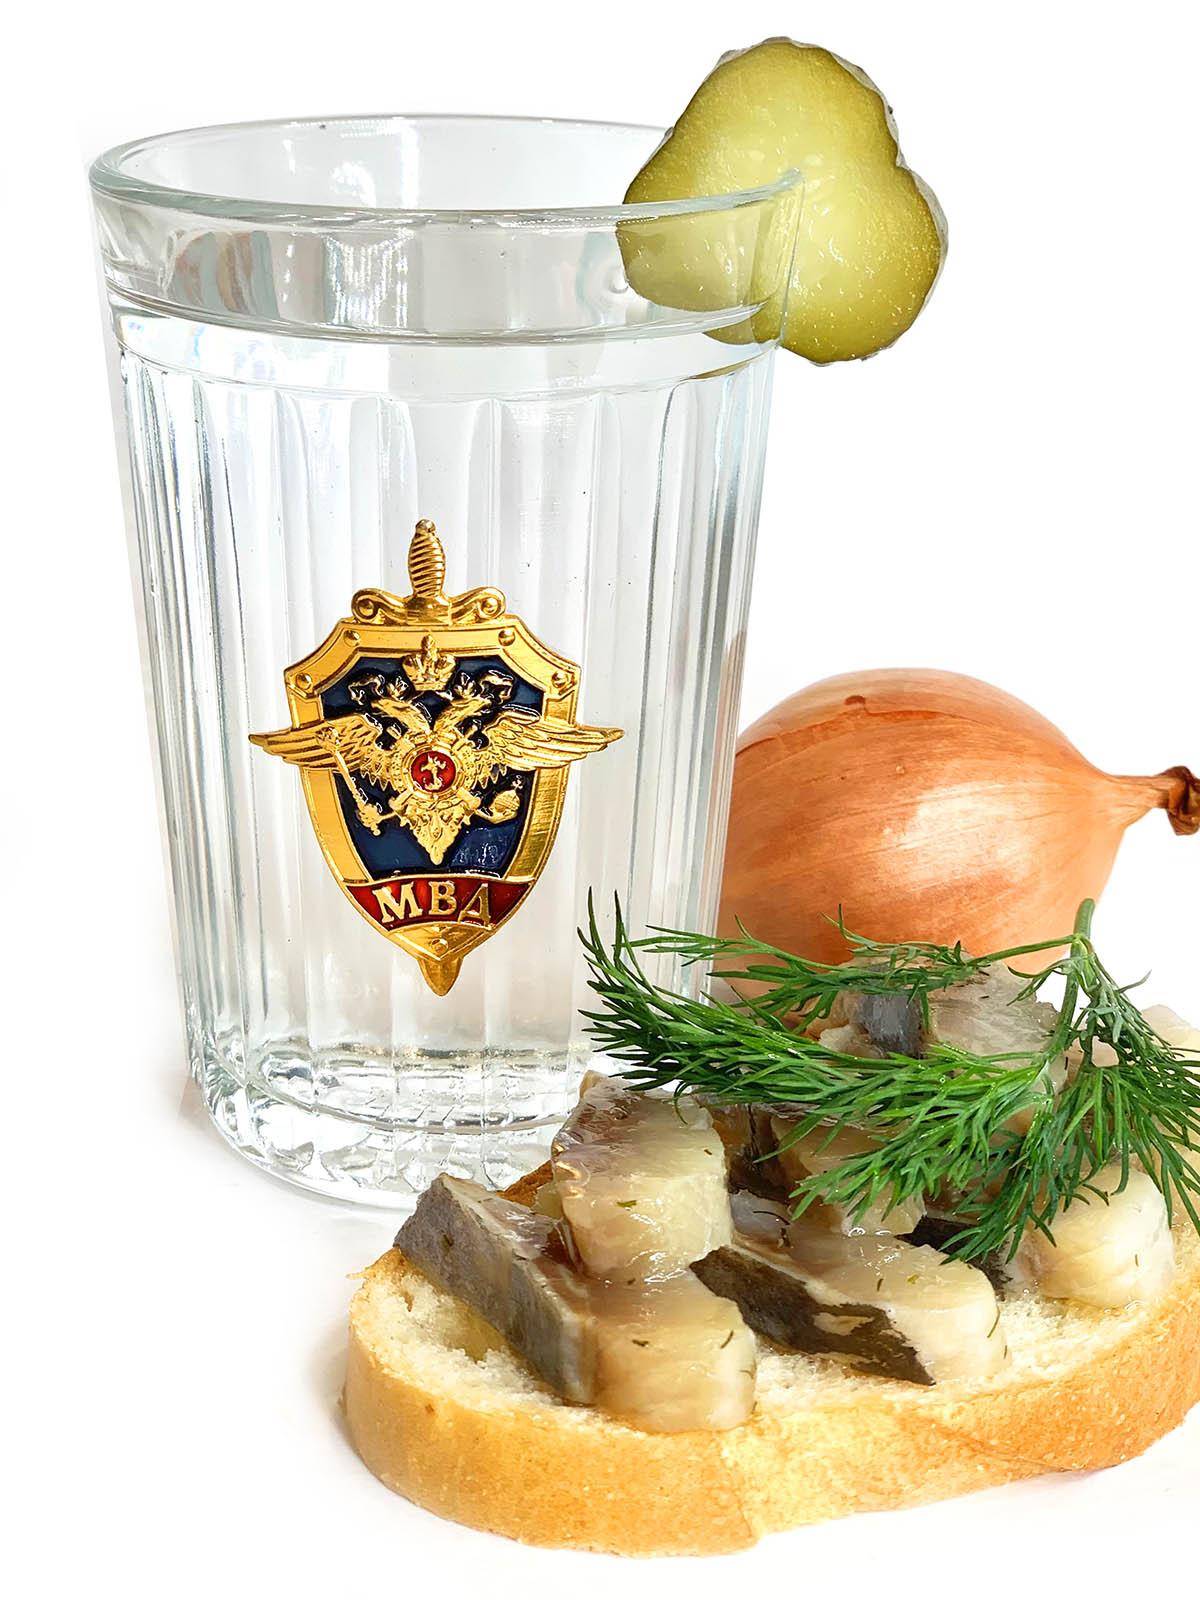 Купить граненый стакан с символикой МВД